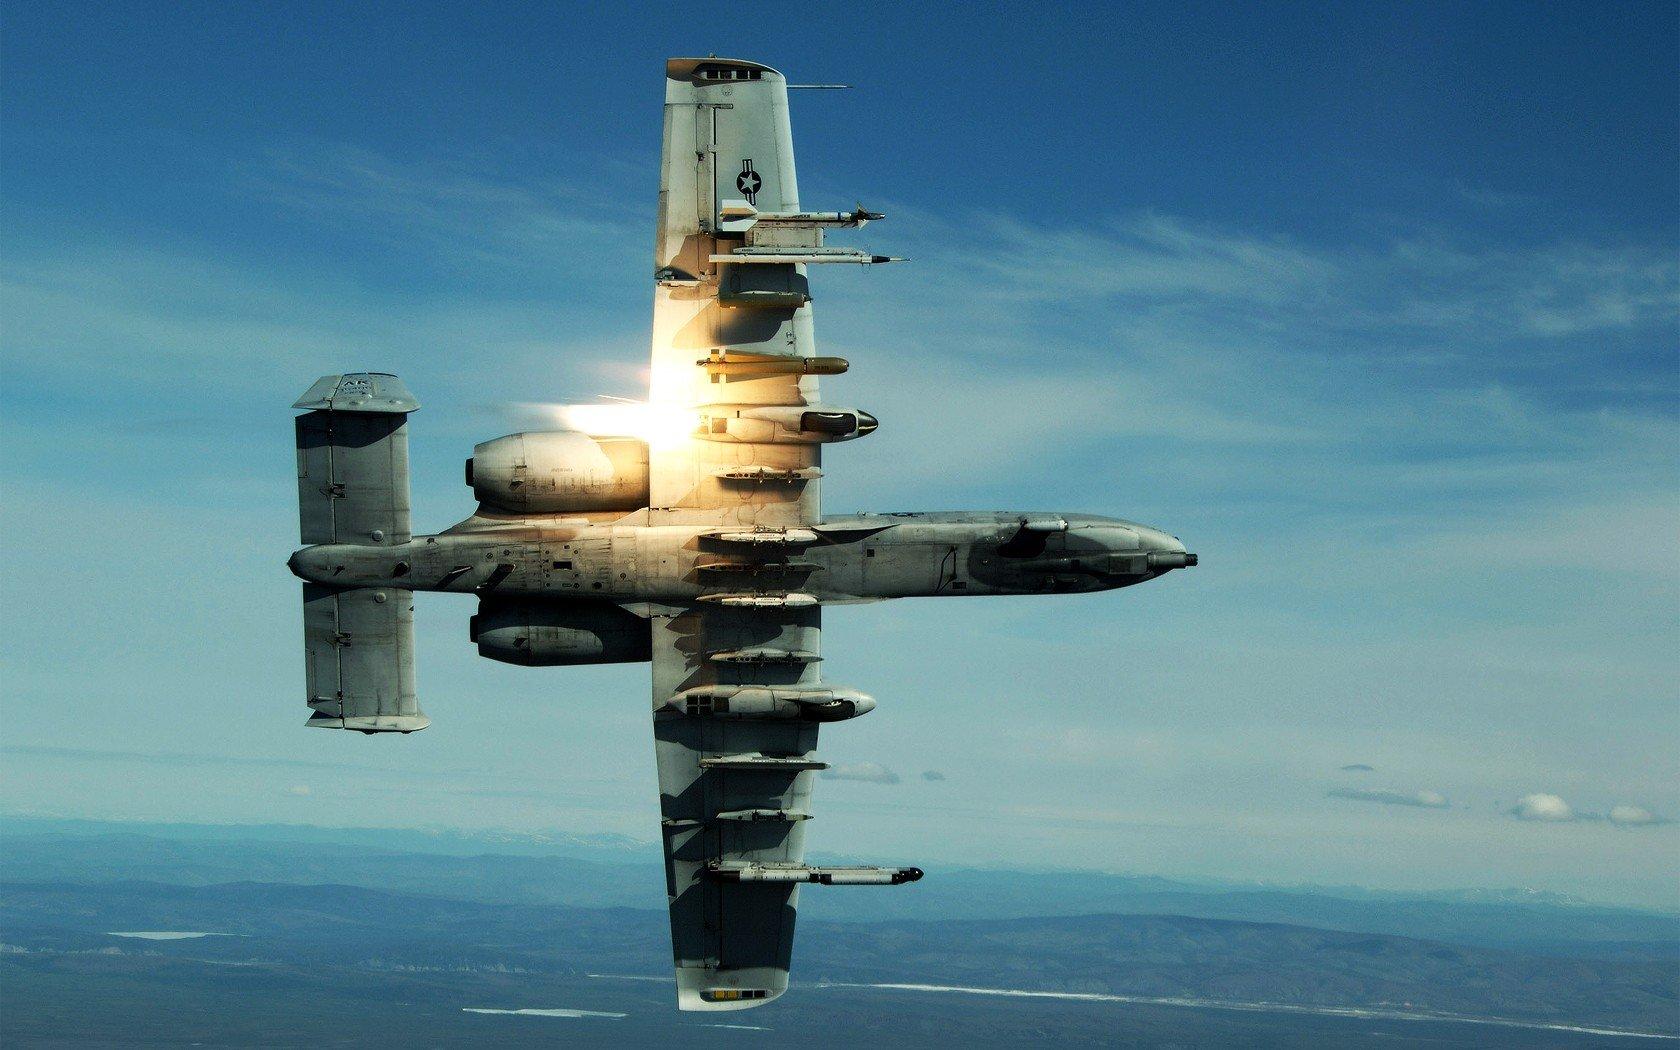 ჱAviones de guerra militar Warthog planes una 10 Thunderbolt II ...